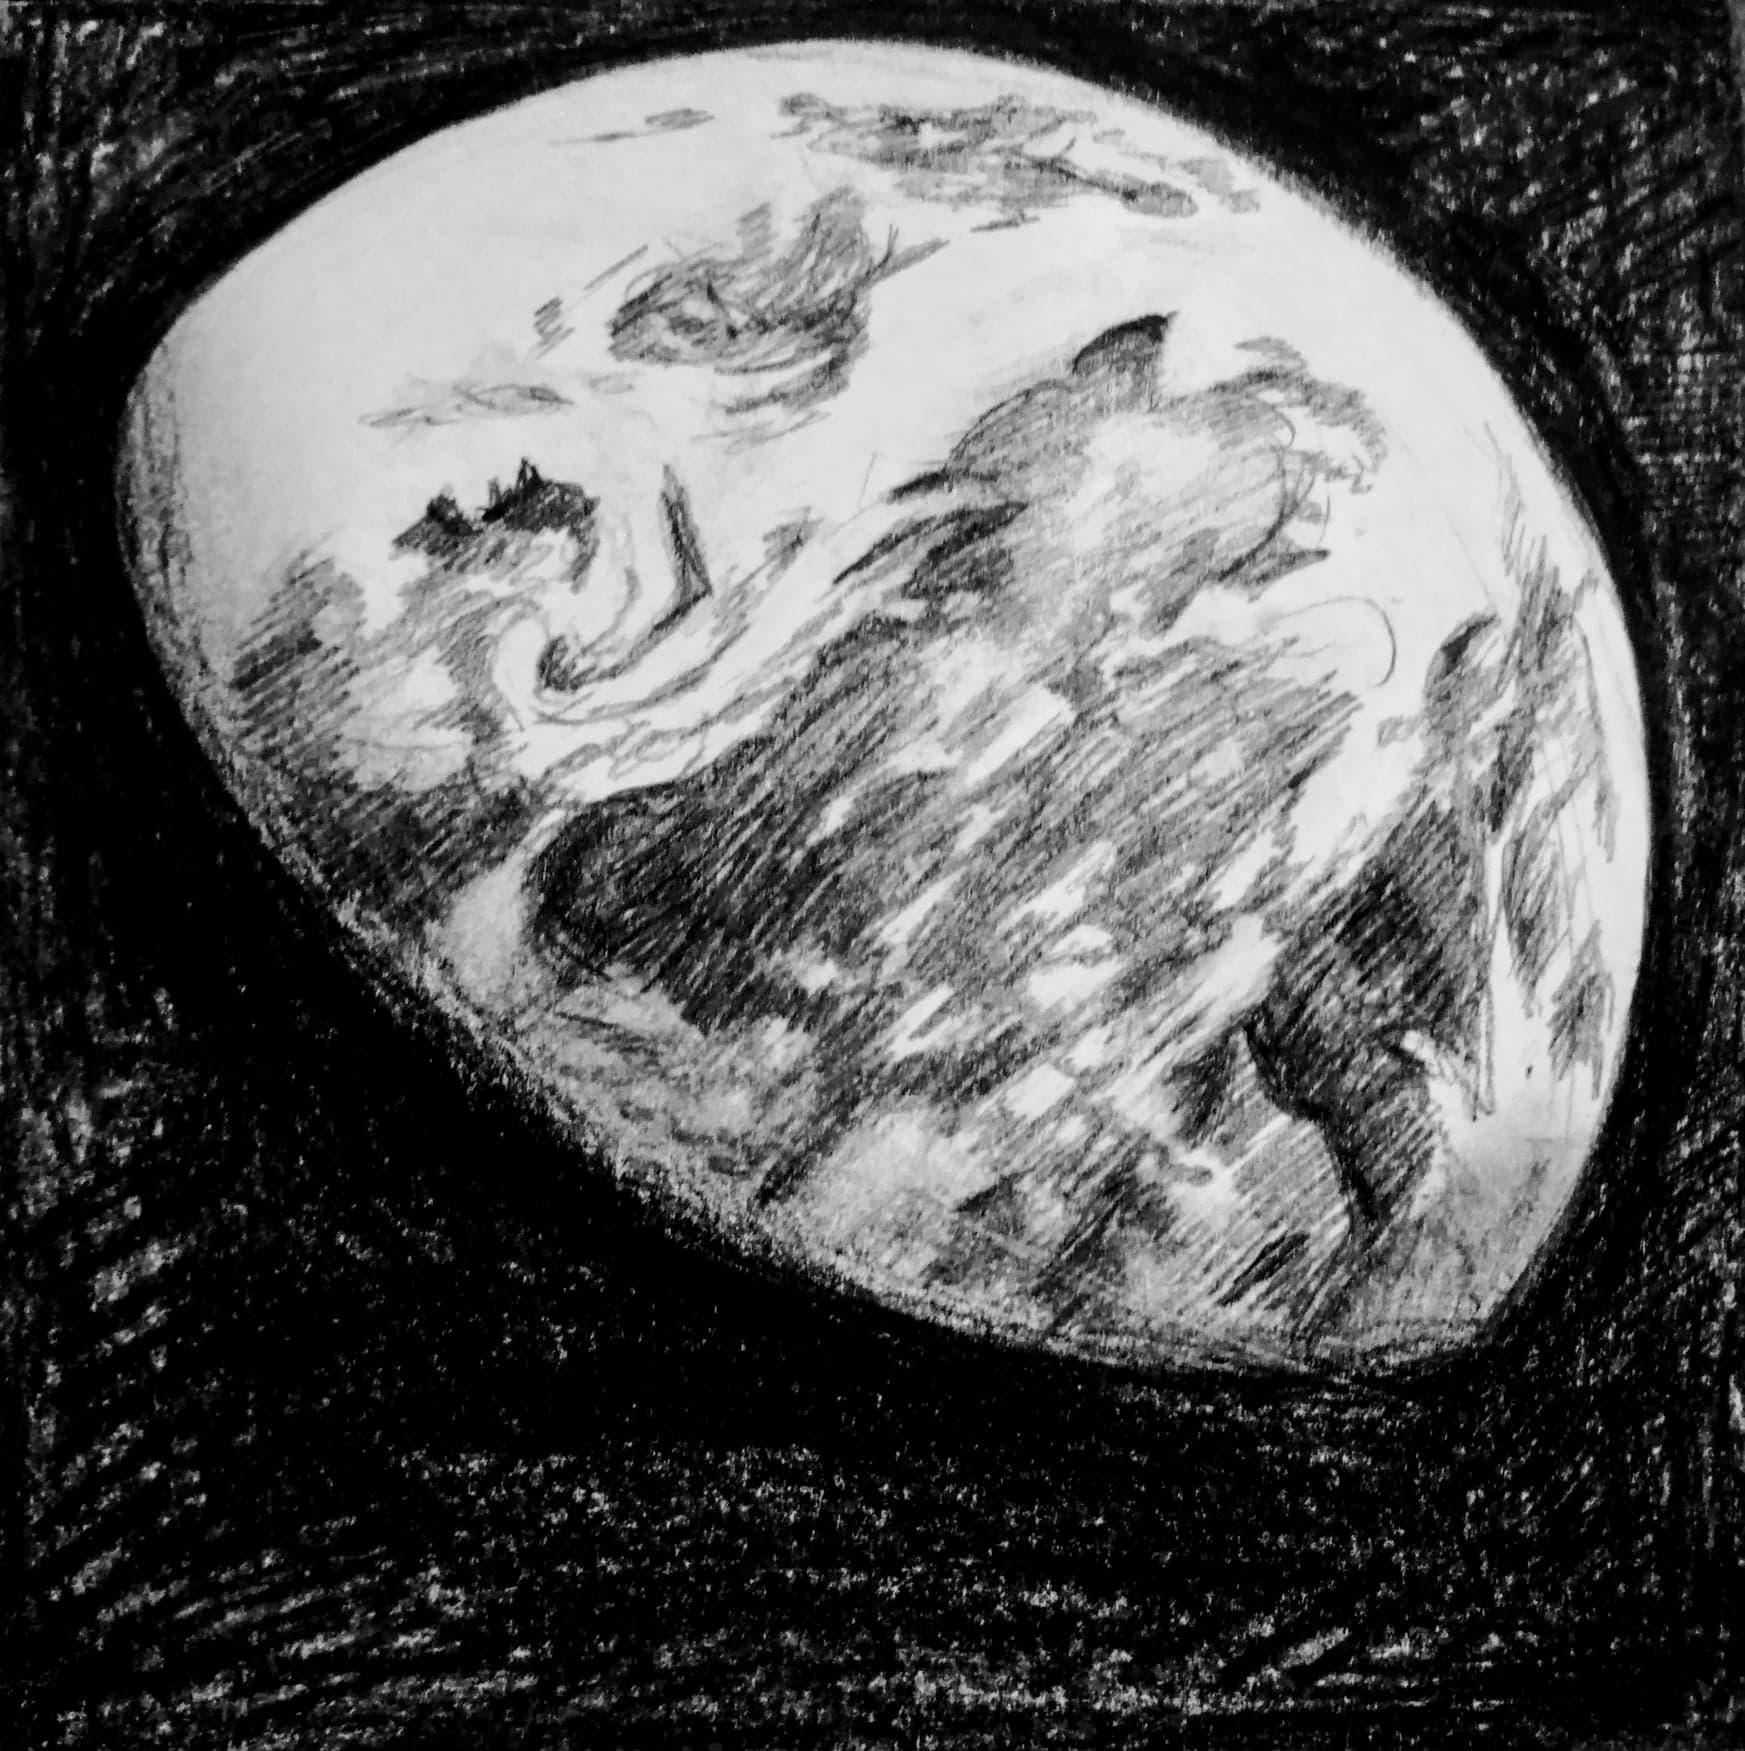 earthrise logo